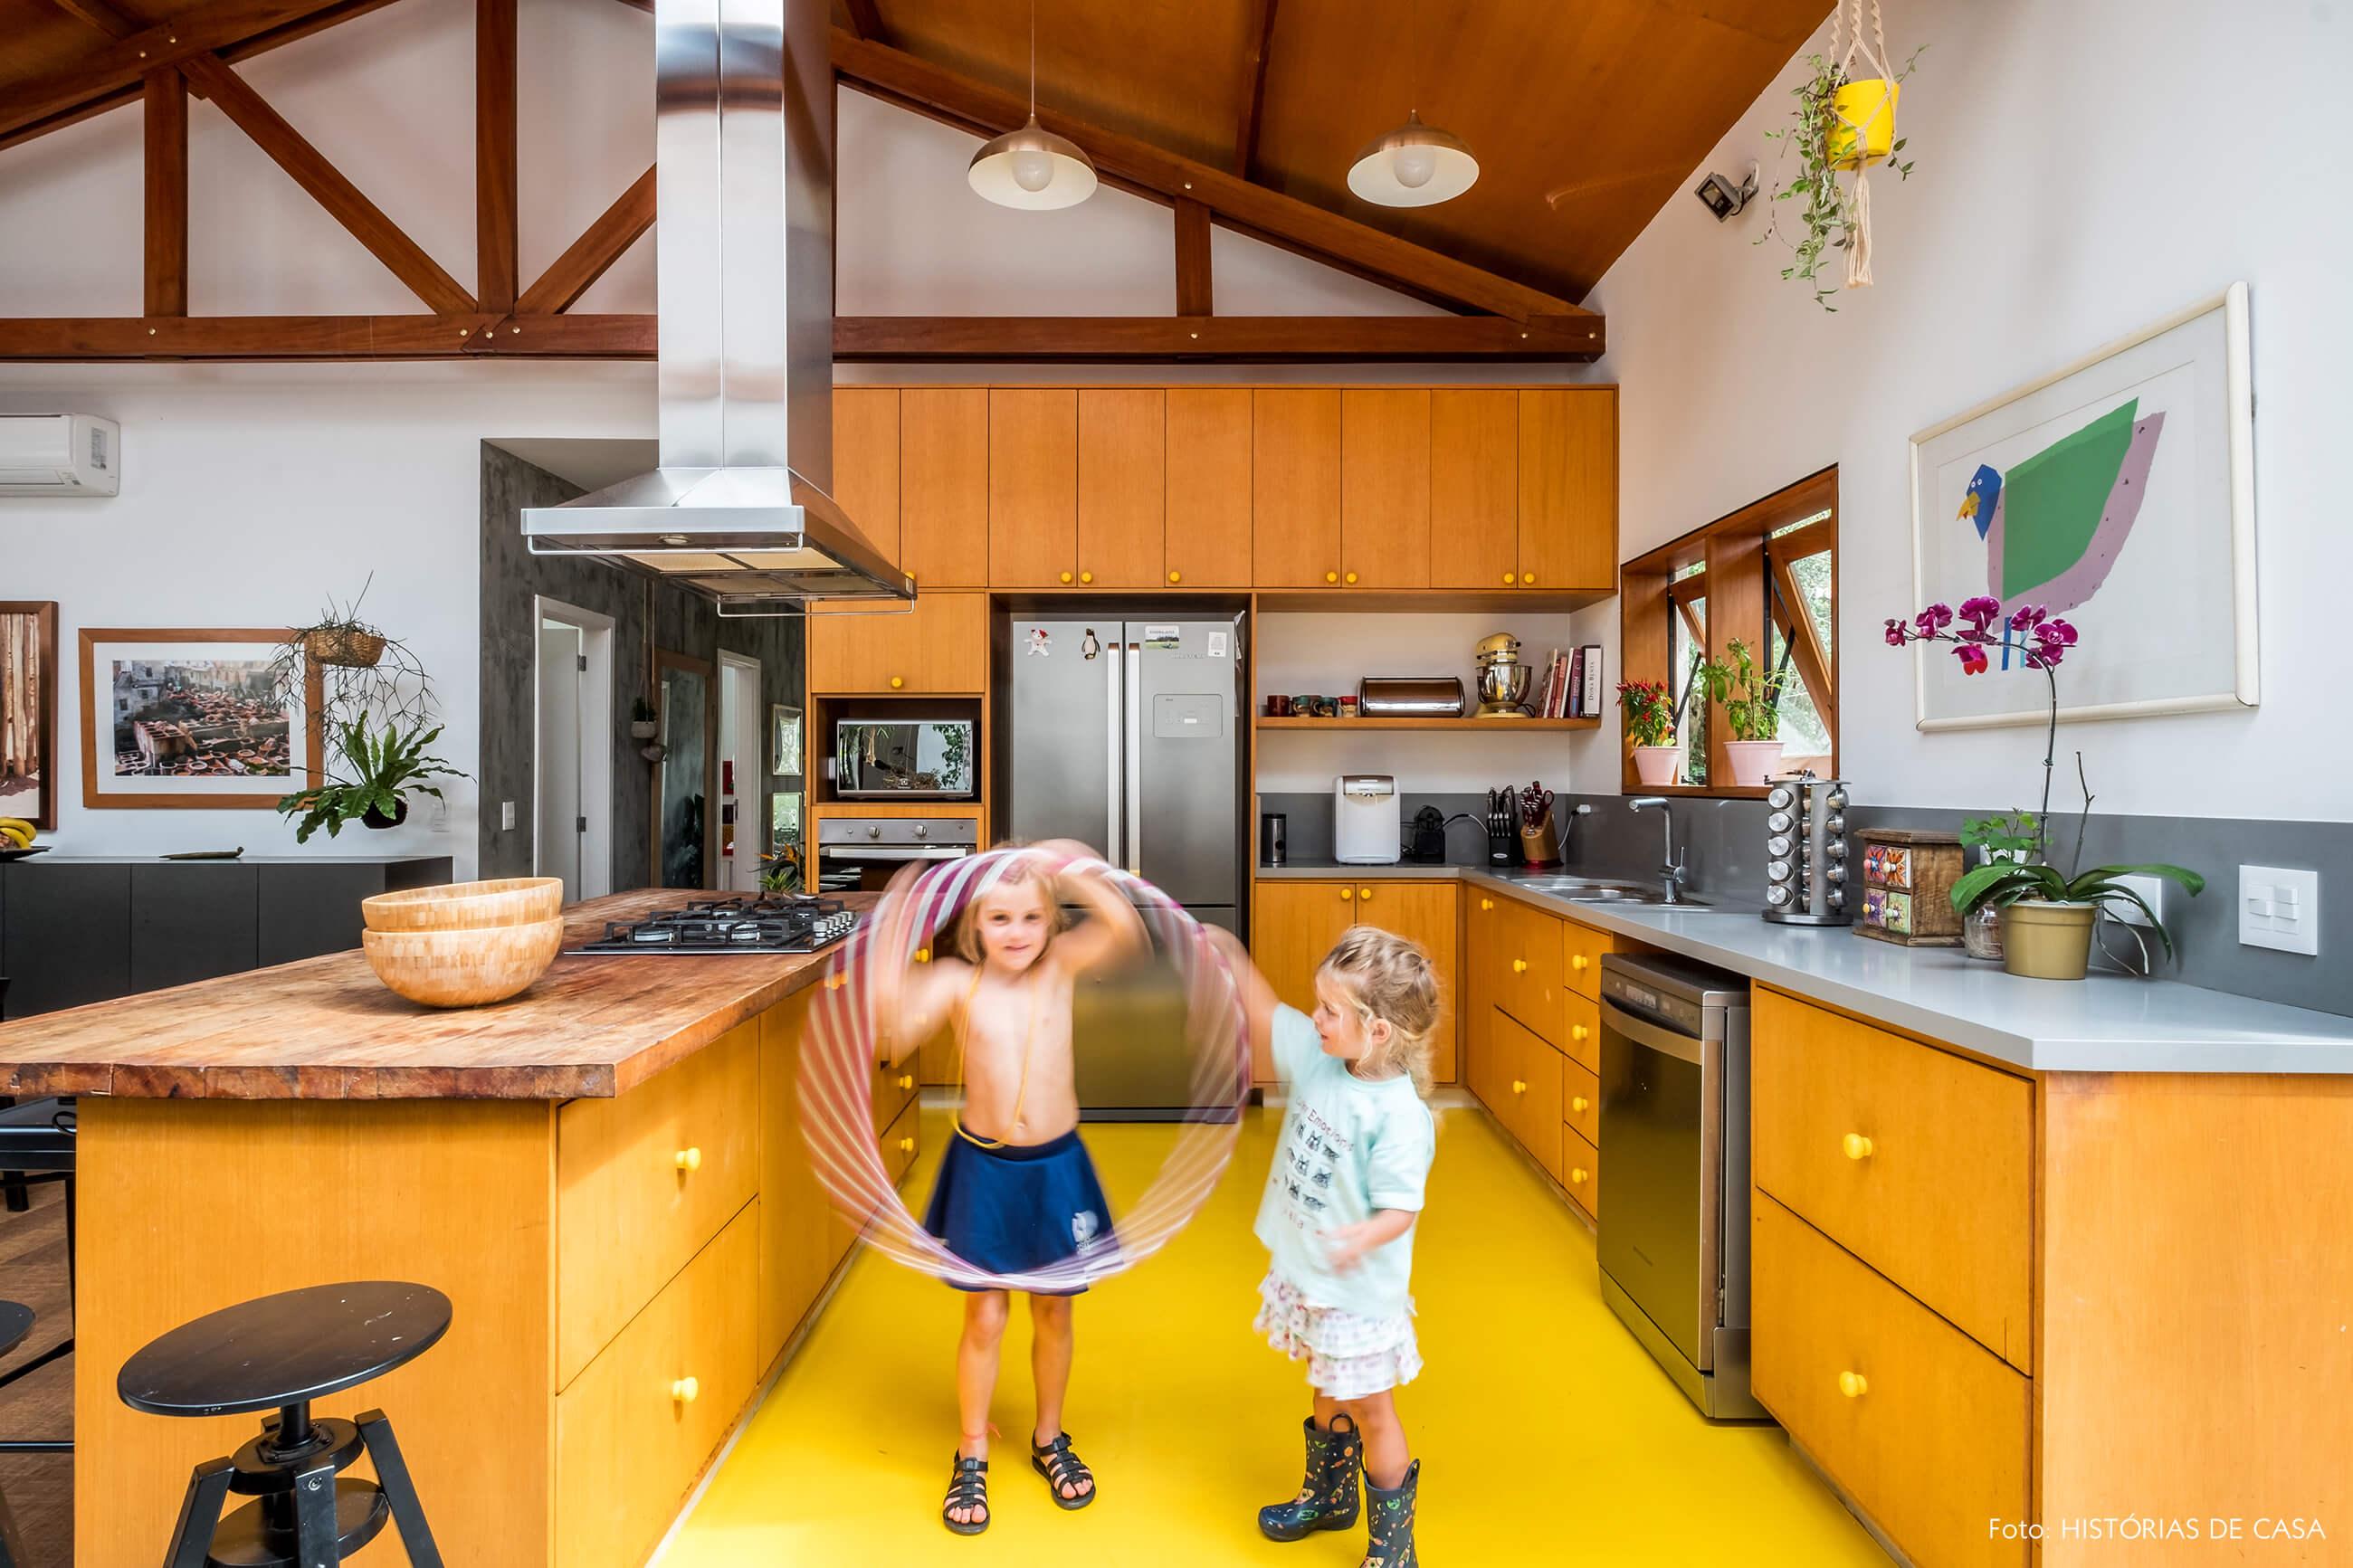 Cozinha com piso amarelo e forro de madeira